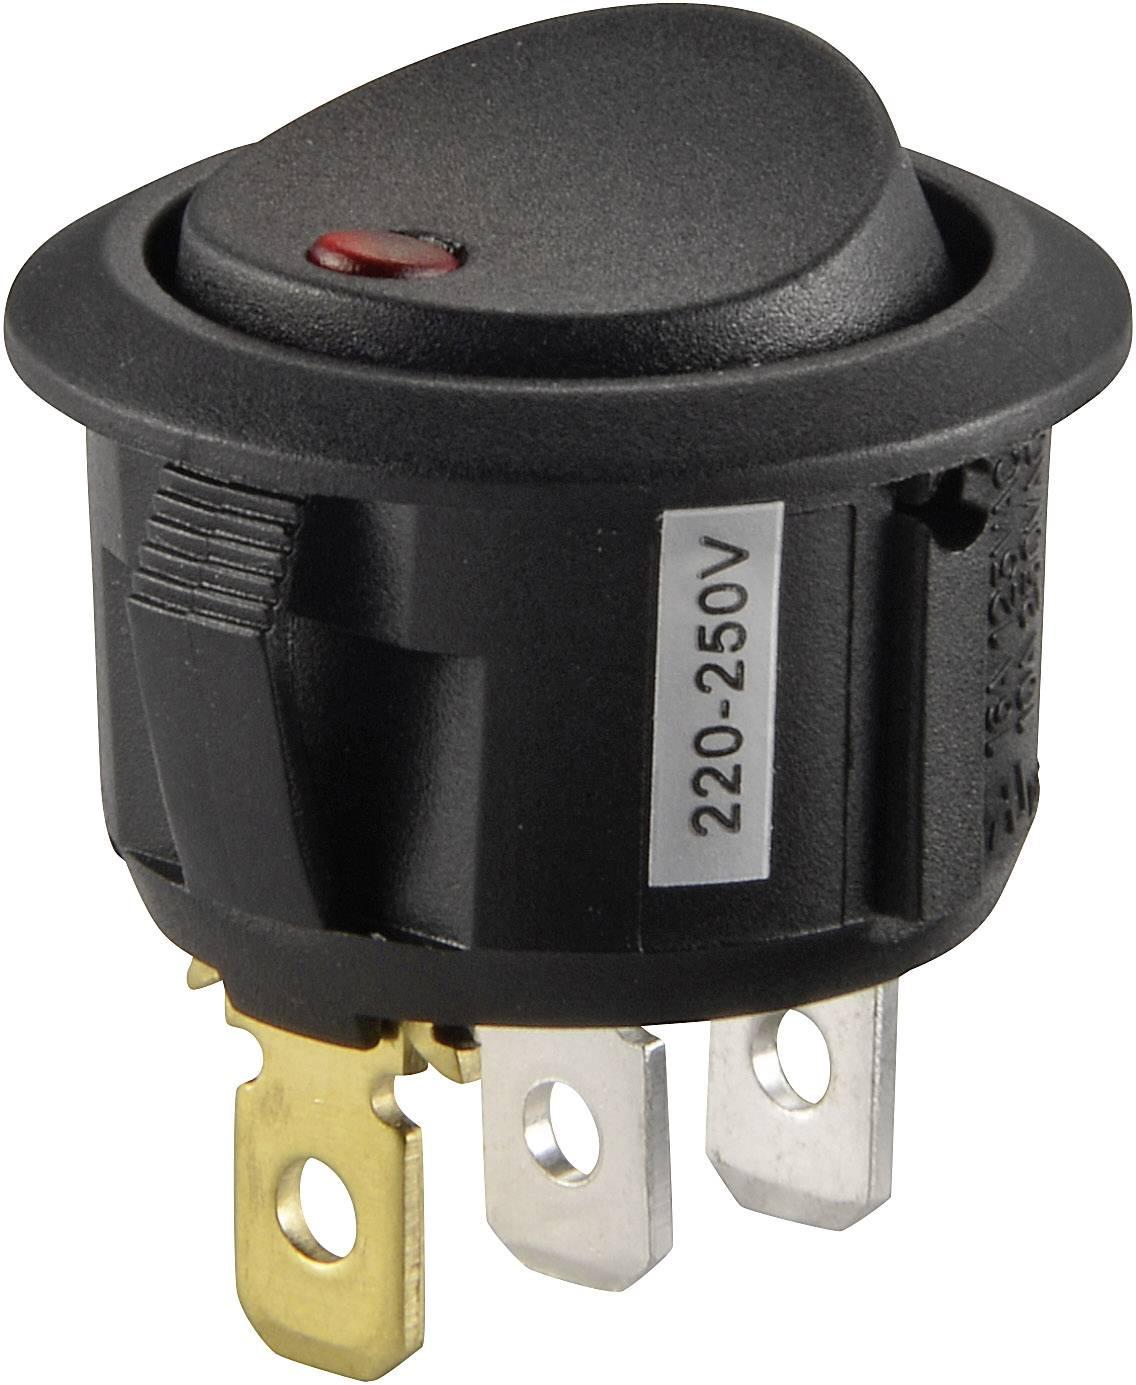 Kolískový spínač s aretáciou SCI R13-208B2-02 RD, 250 V/AC, 10 A